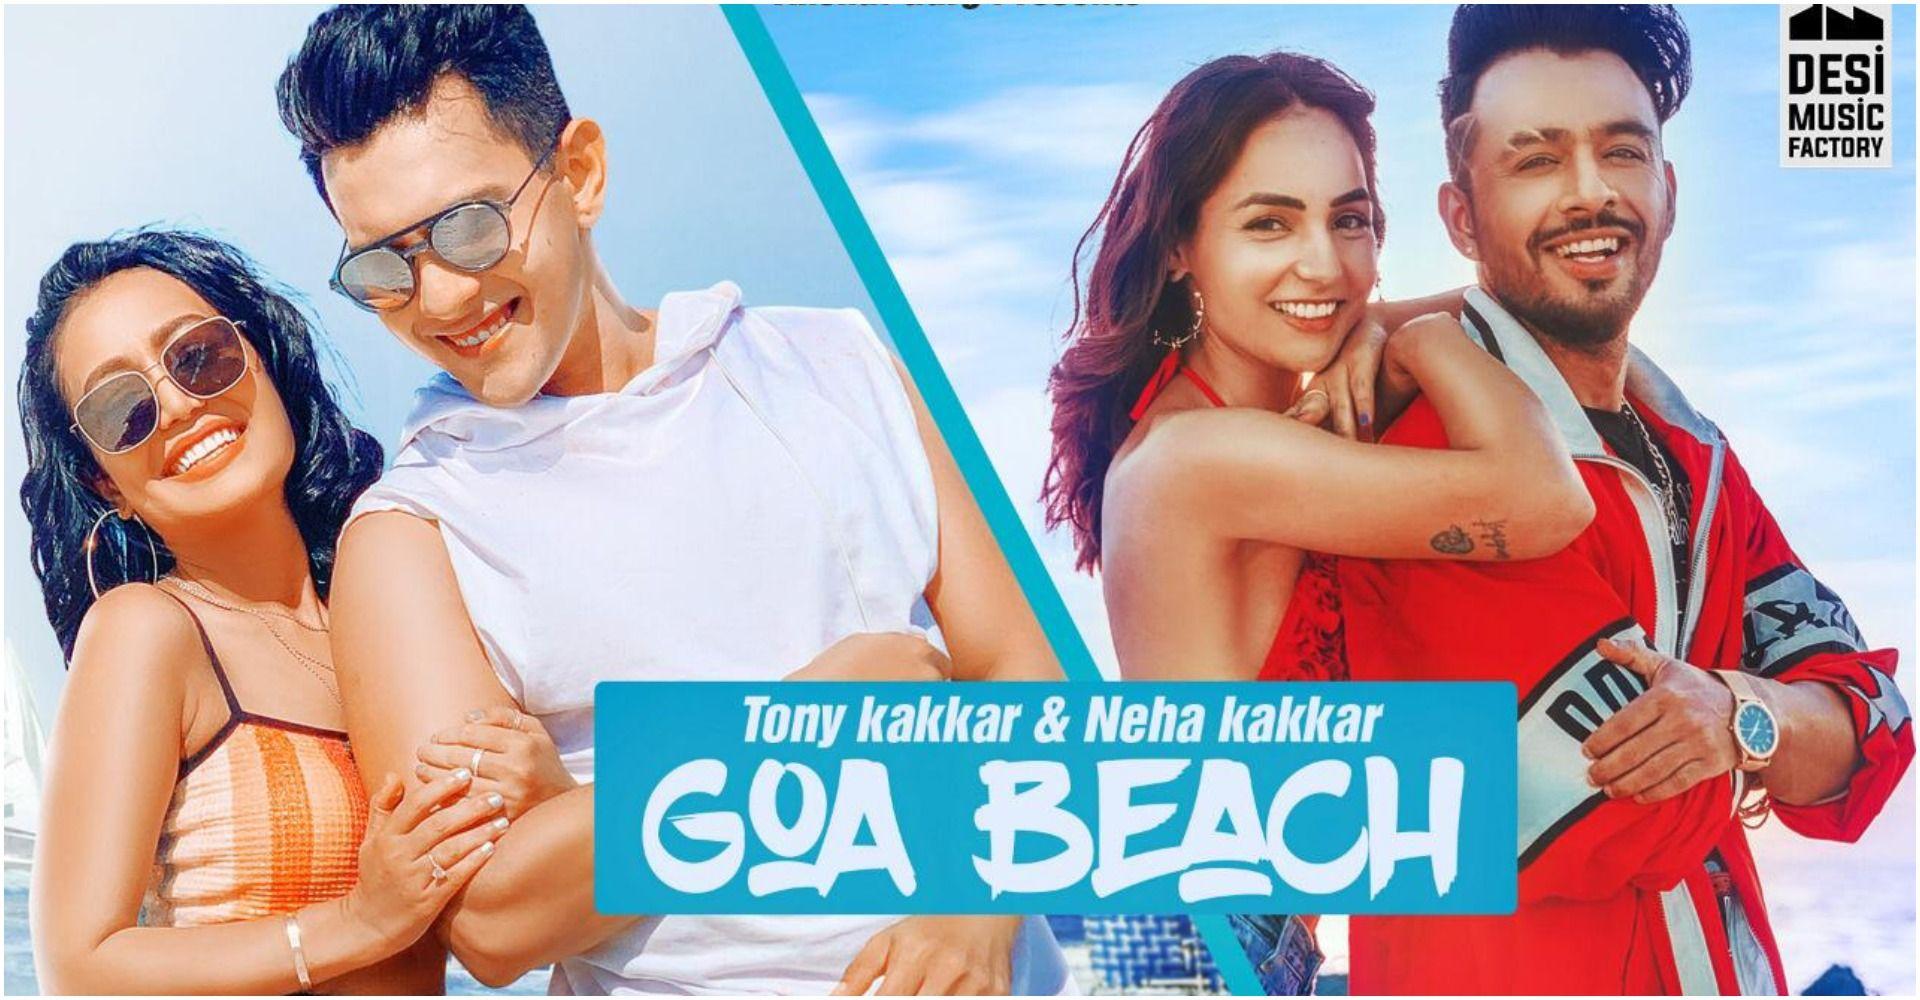 Goa Beach Song Golden Voice Neha Kakkar Has Demonstrated Her Talent In Her Brother Tony Kakkar 8217 S New Music Video In 2020 Beach Lyrics Beach Songs Neha Kakkar